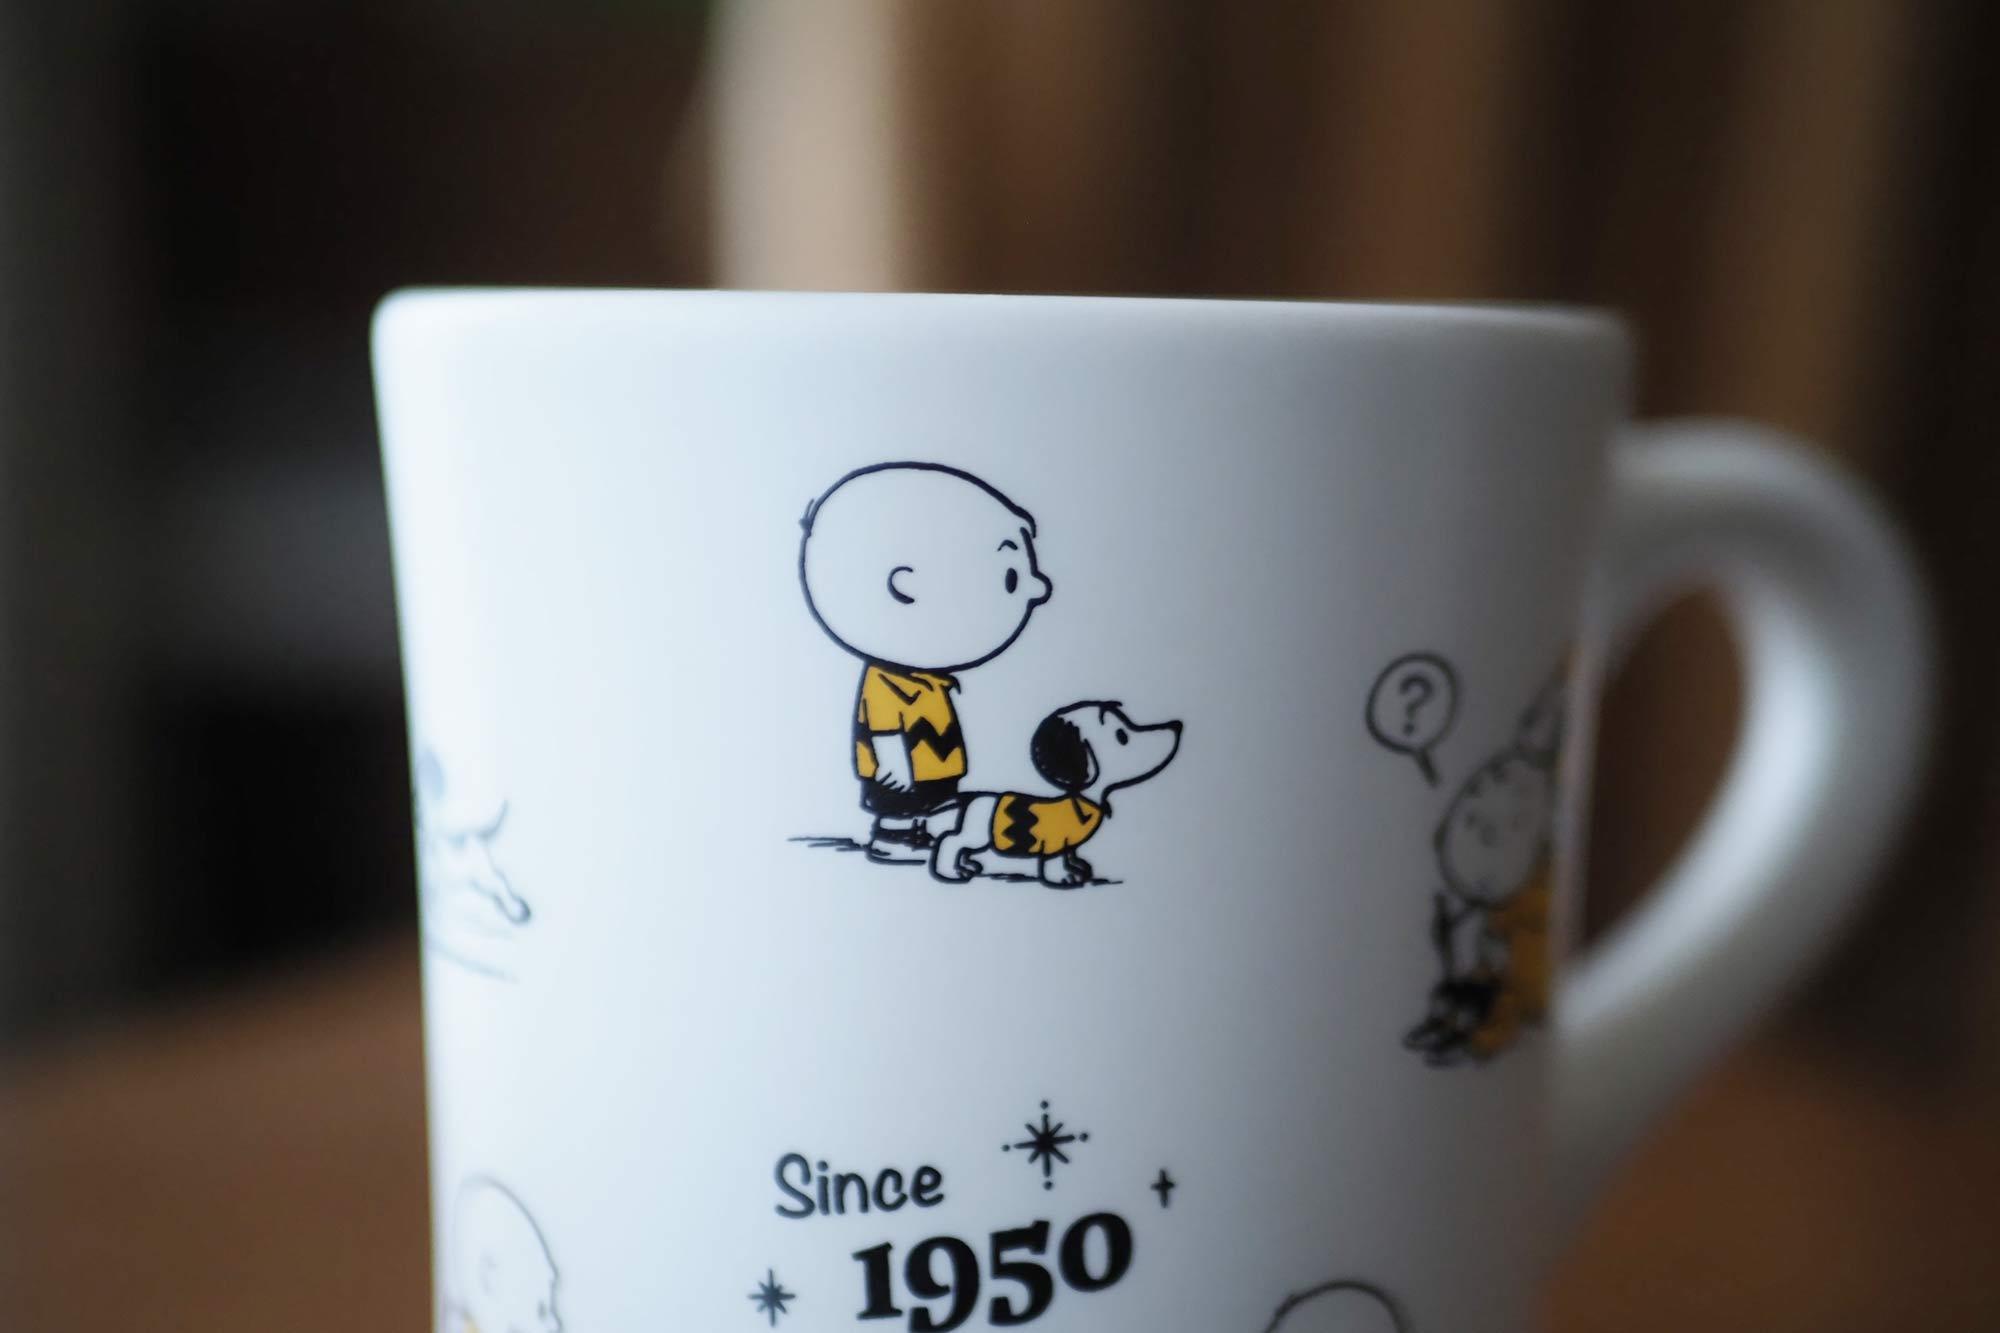 スヌーピー,70周年記念,マグカップ,可愛い,人気,コーヒー,紅茶,安い